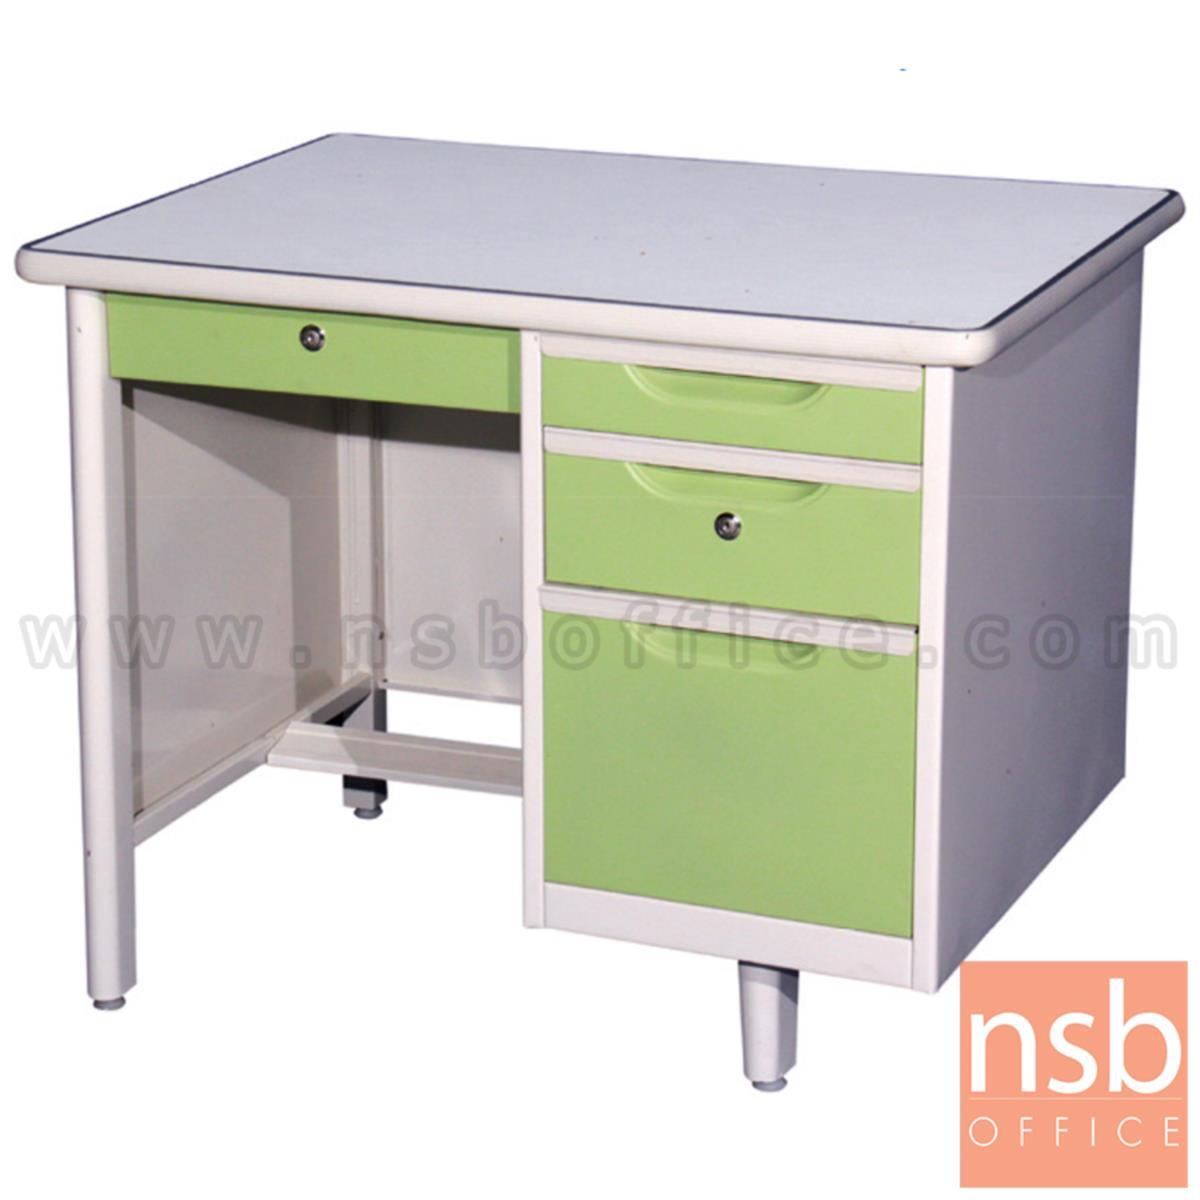 E06A007:โต๊ะทำงานเหล็กหน้าเหล็ก 4 ลิ้นชัก  รุ่น Murphy (เมอร์ฟี) ขนาด 3 ,3.5 ,4 ฟุต